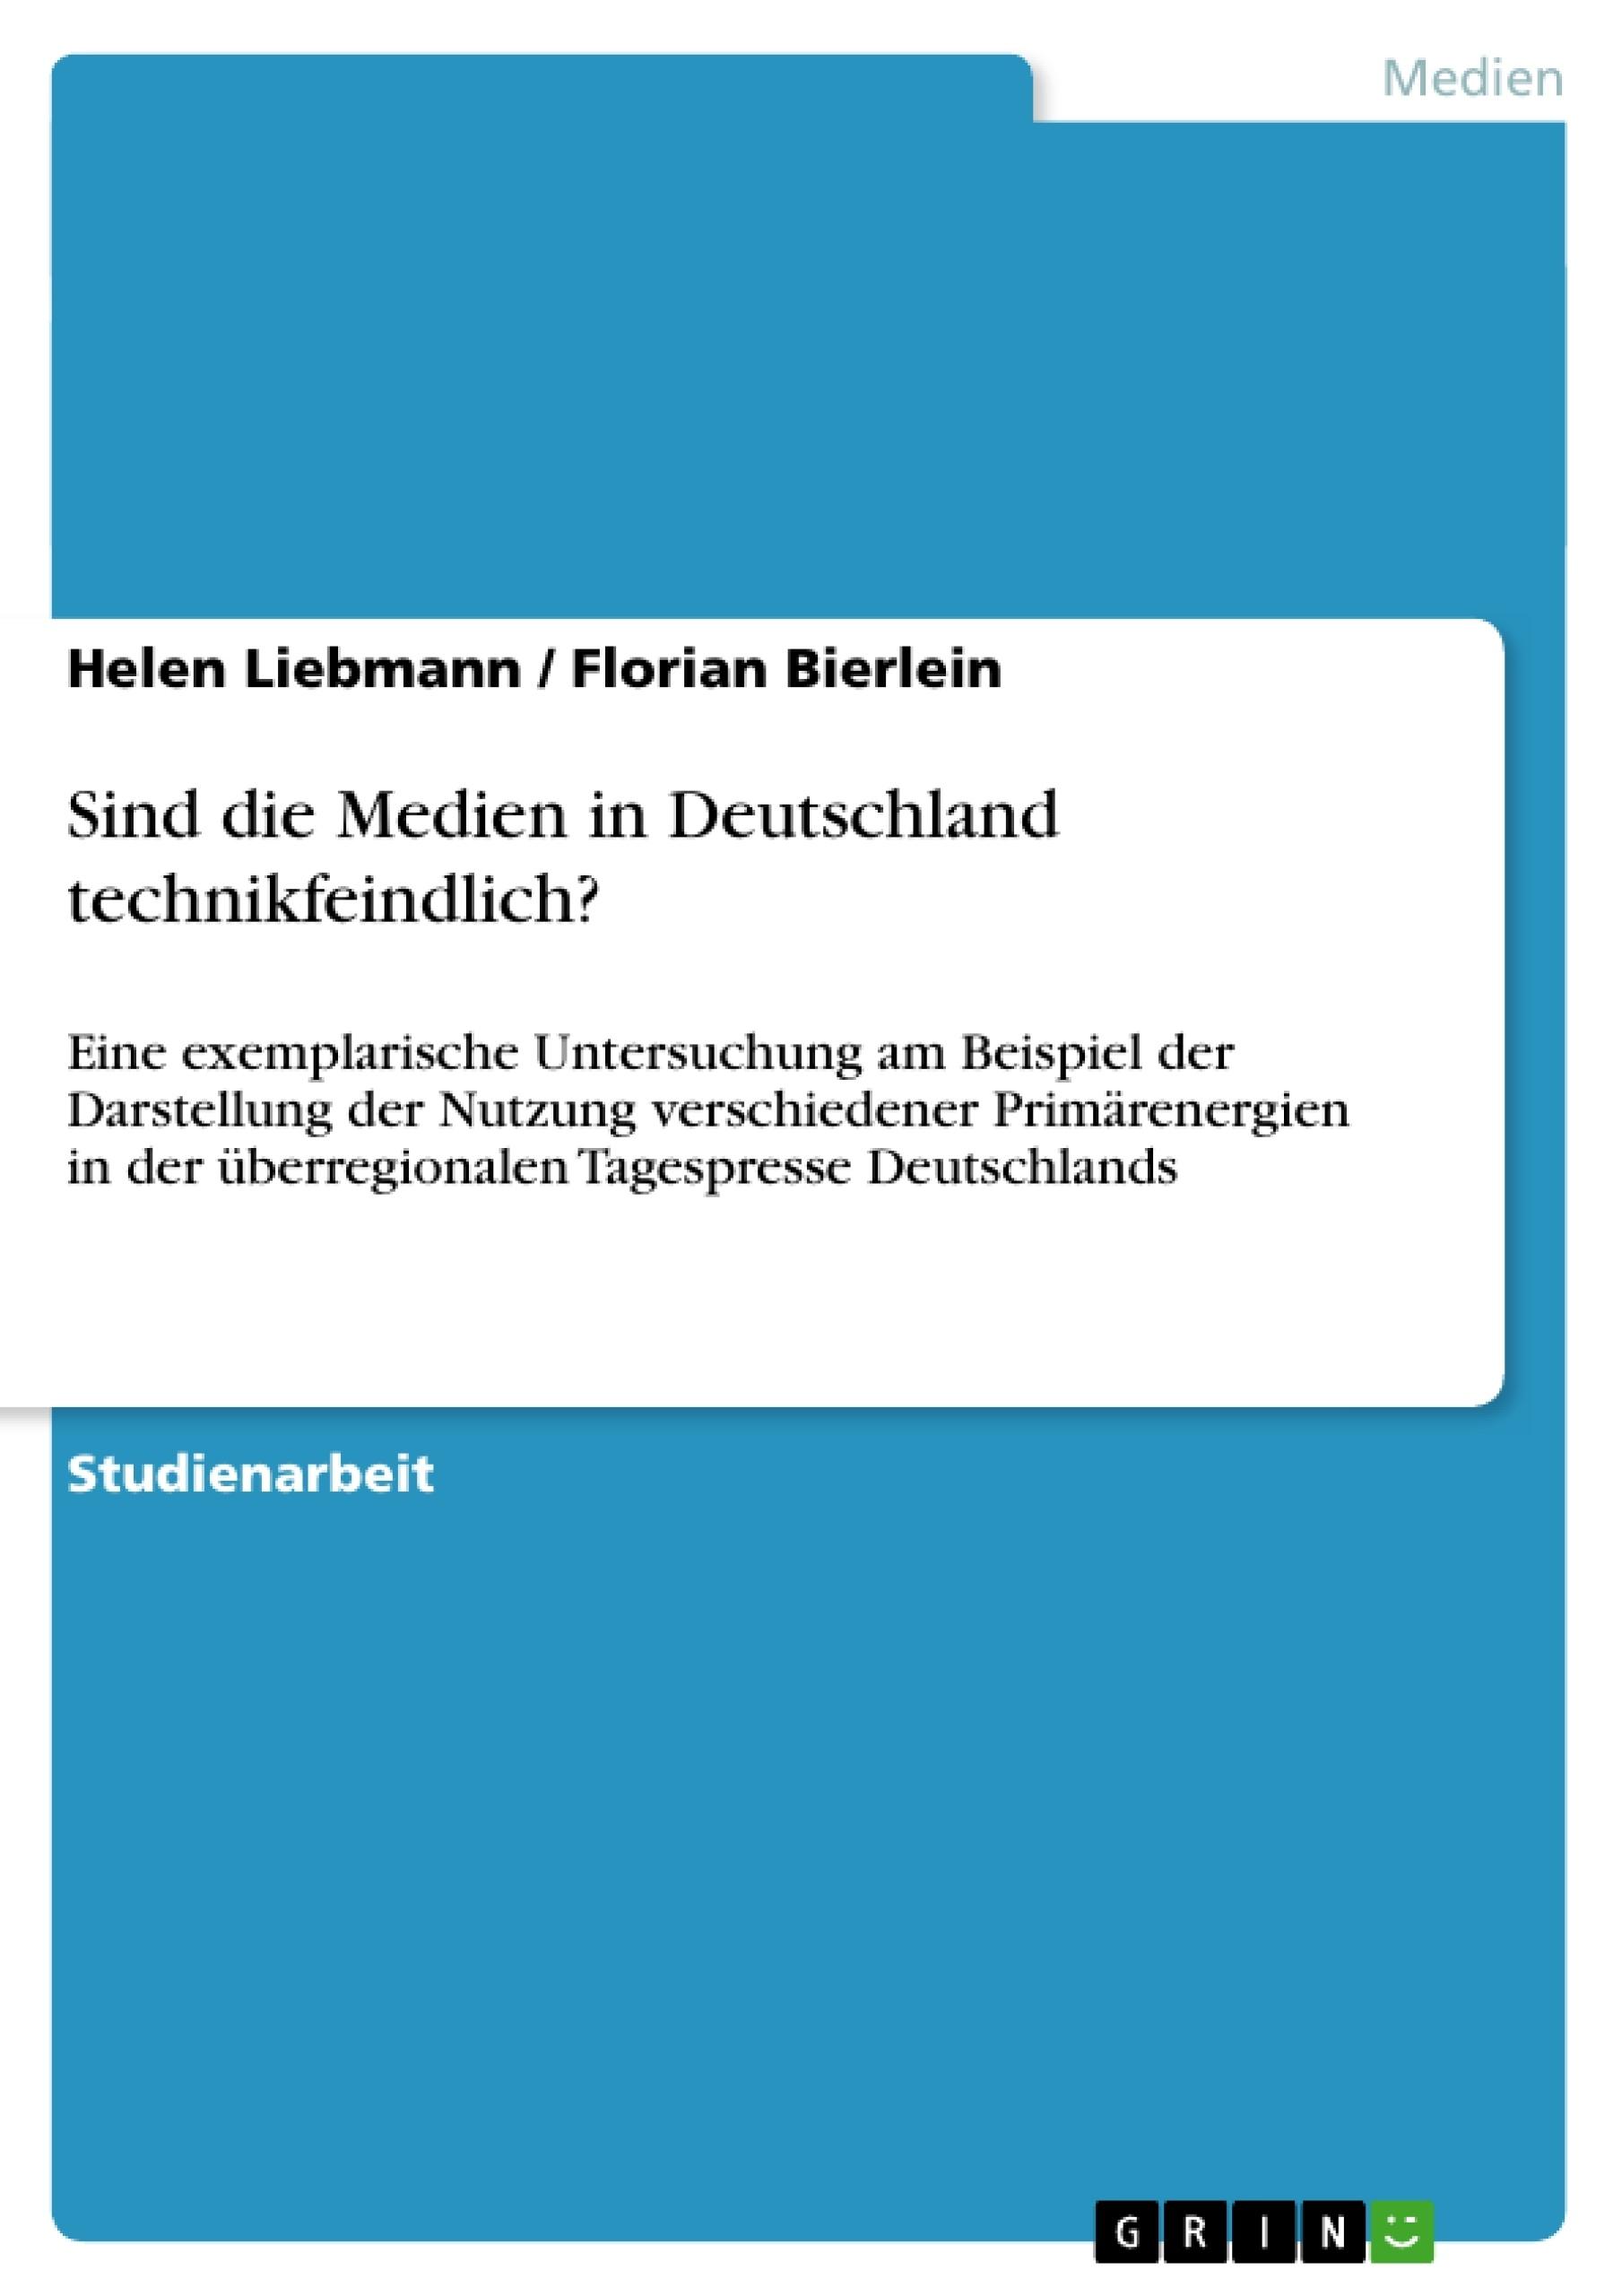 Titel: Sind die Medien in Deutschland technikfeindlich?